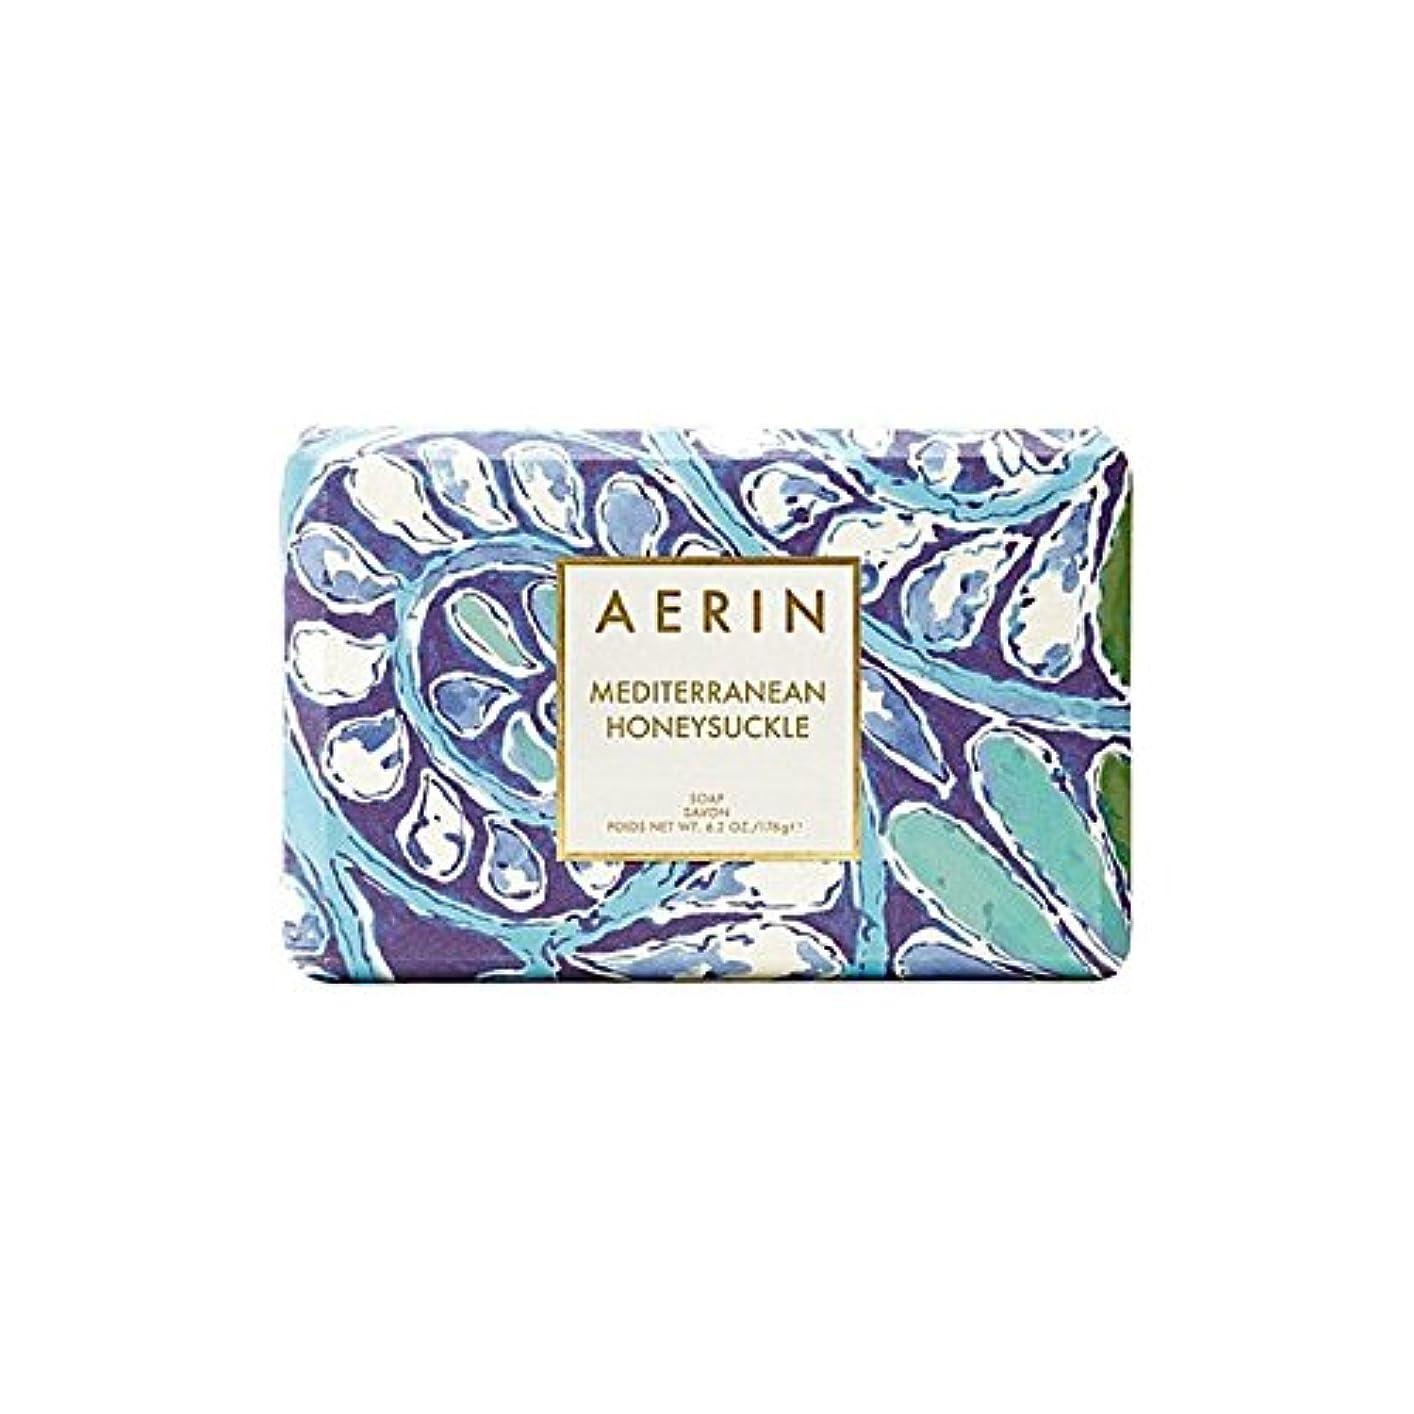 Aerin Mediterrenean Honeysuckle Bar Soap 176G - スイカズラ固形石鹸176グラム [並行輸入品]